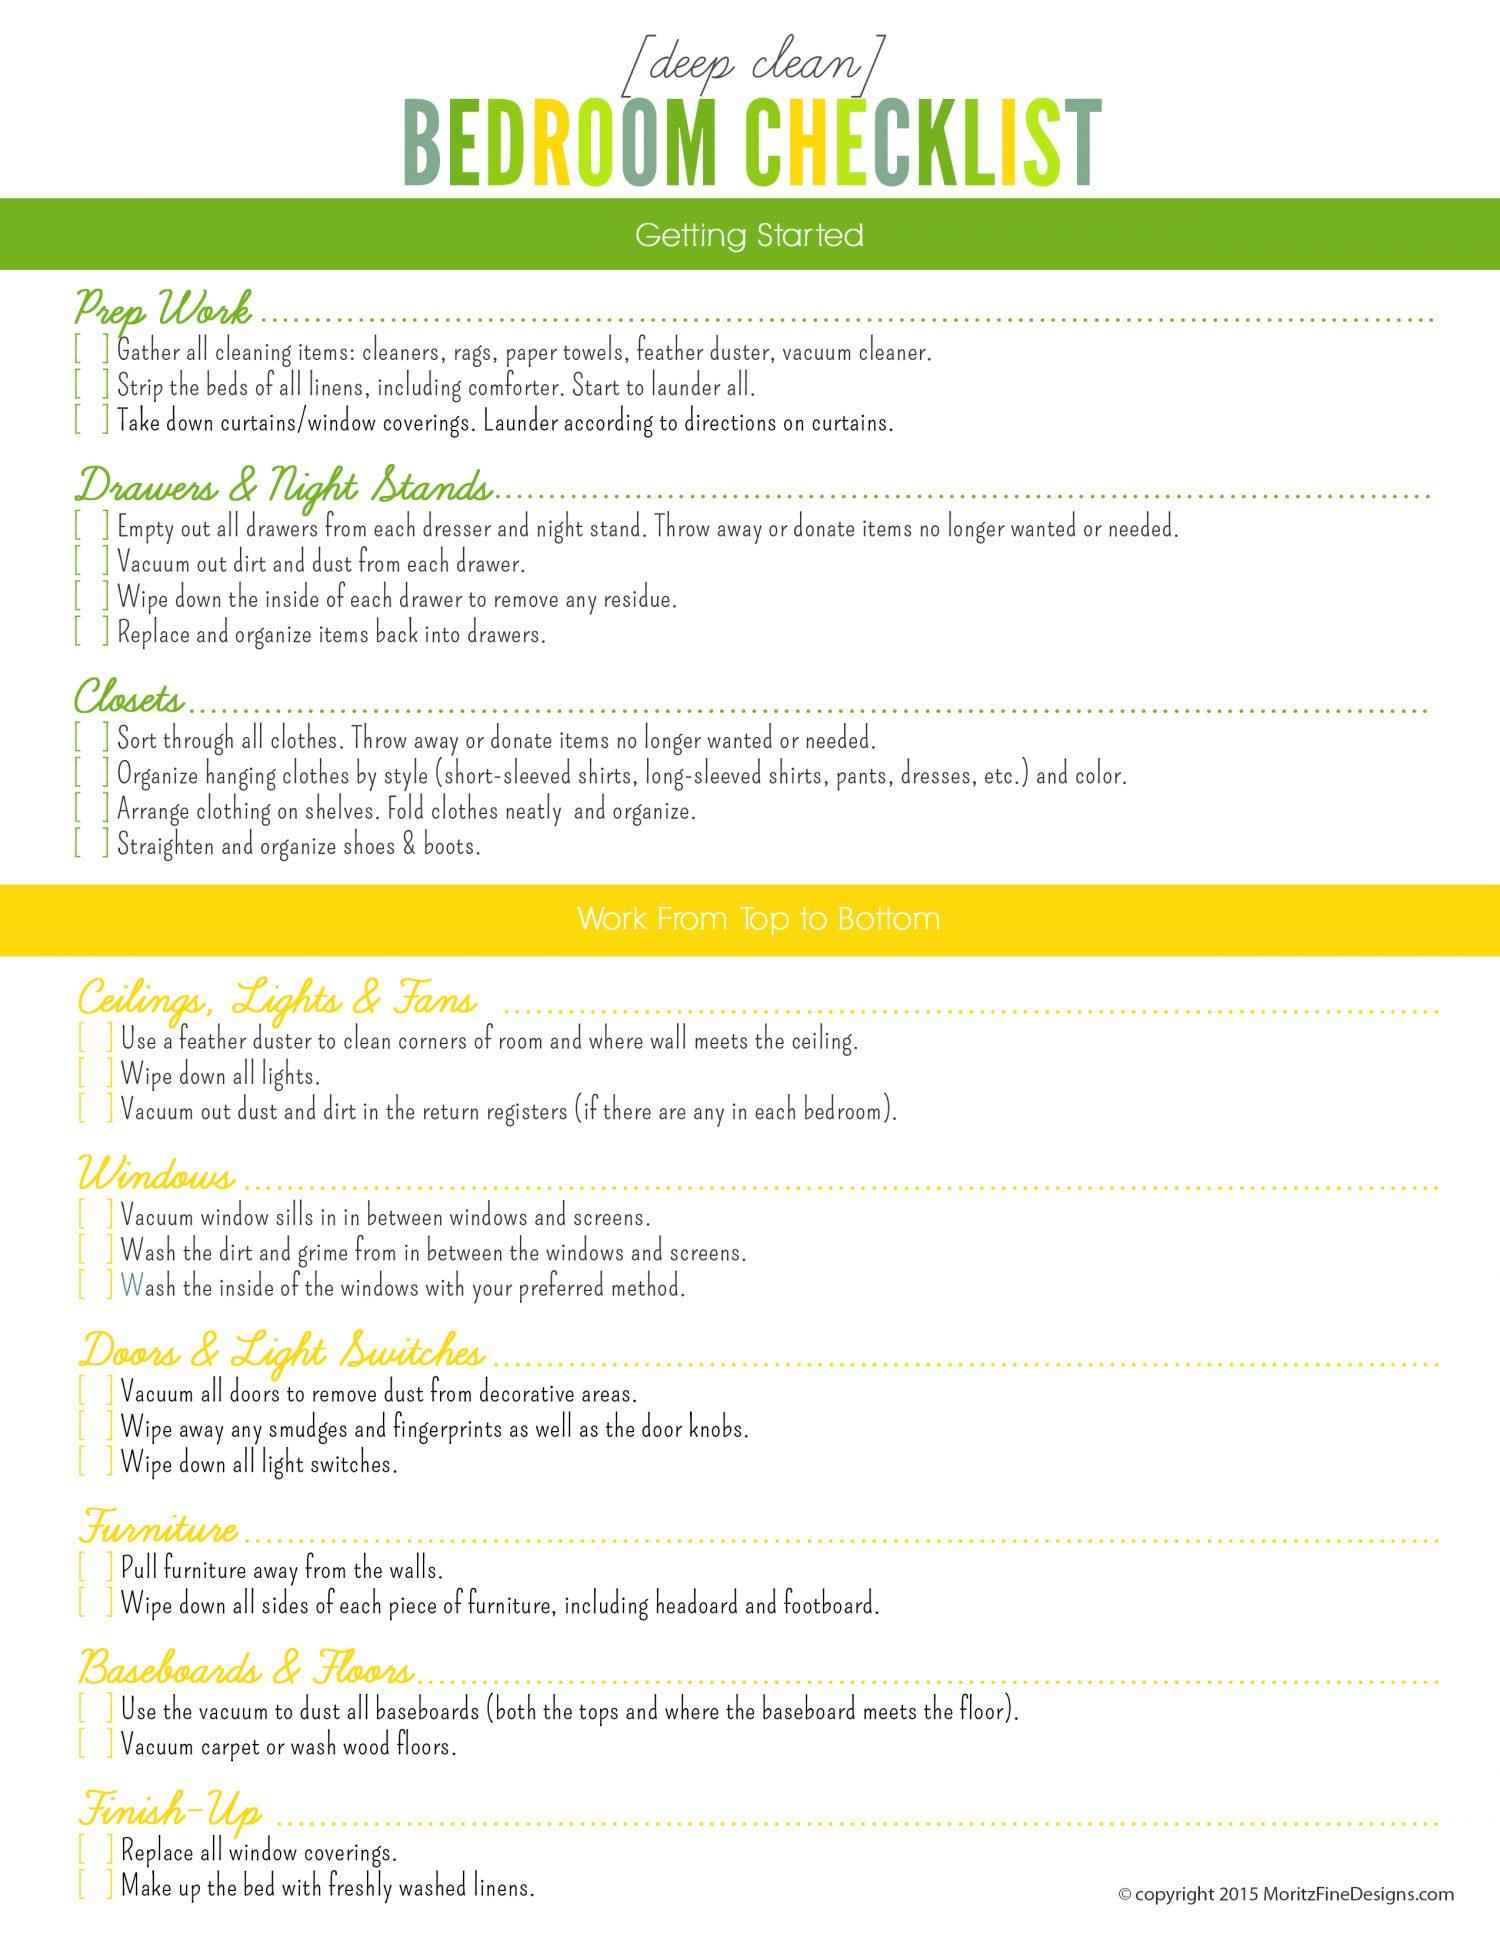 Deep Clean Bedroom Checklist